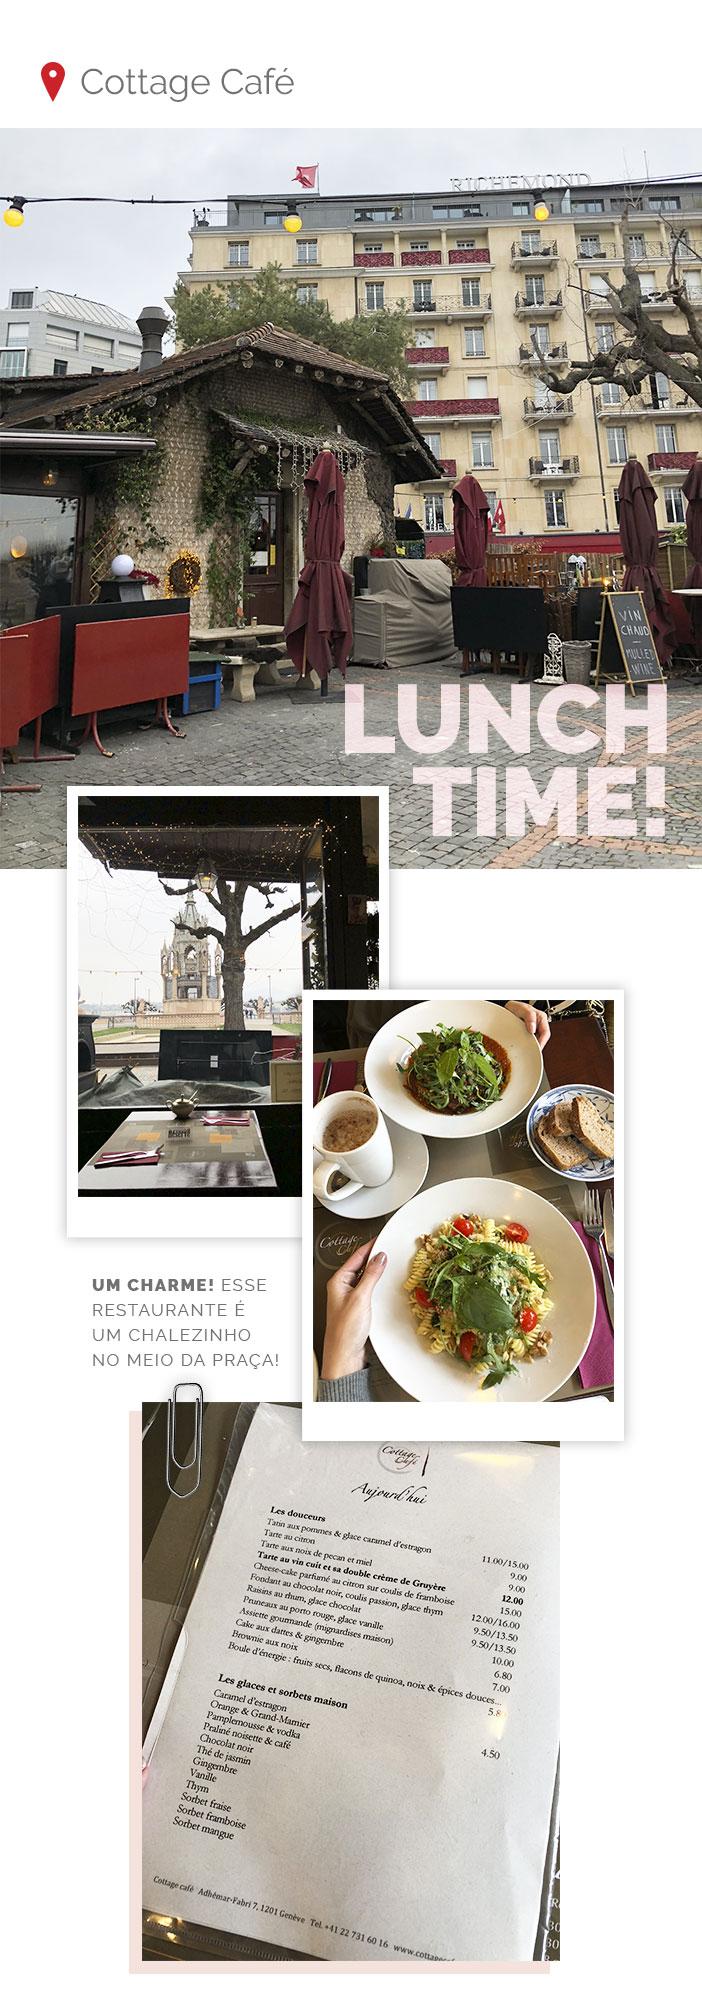 Diário de bordo - Genebra - Cottage Café